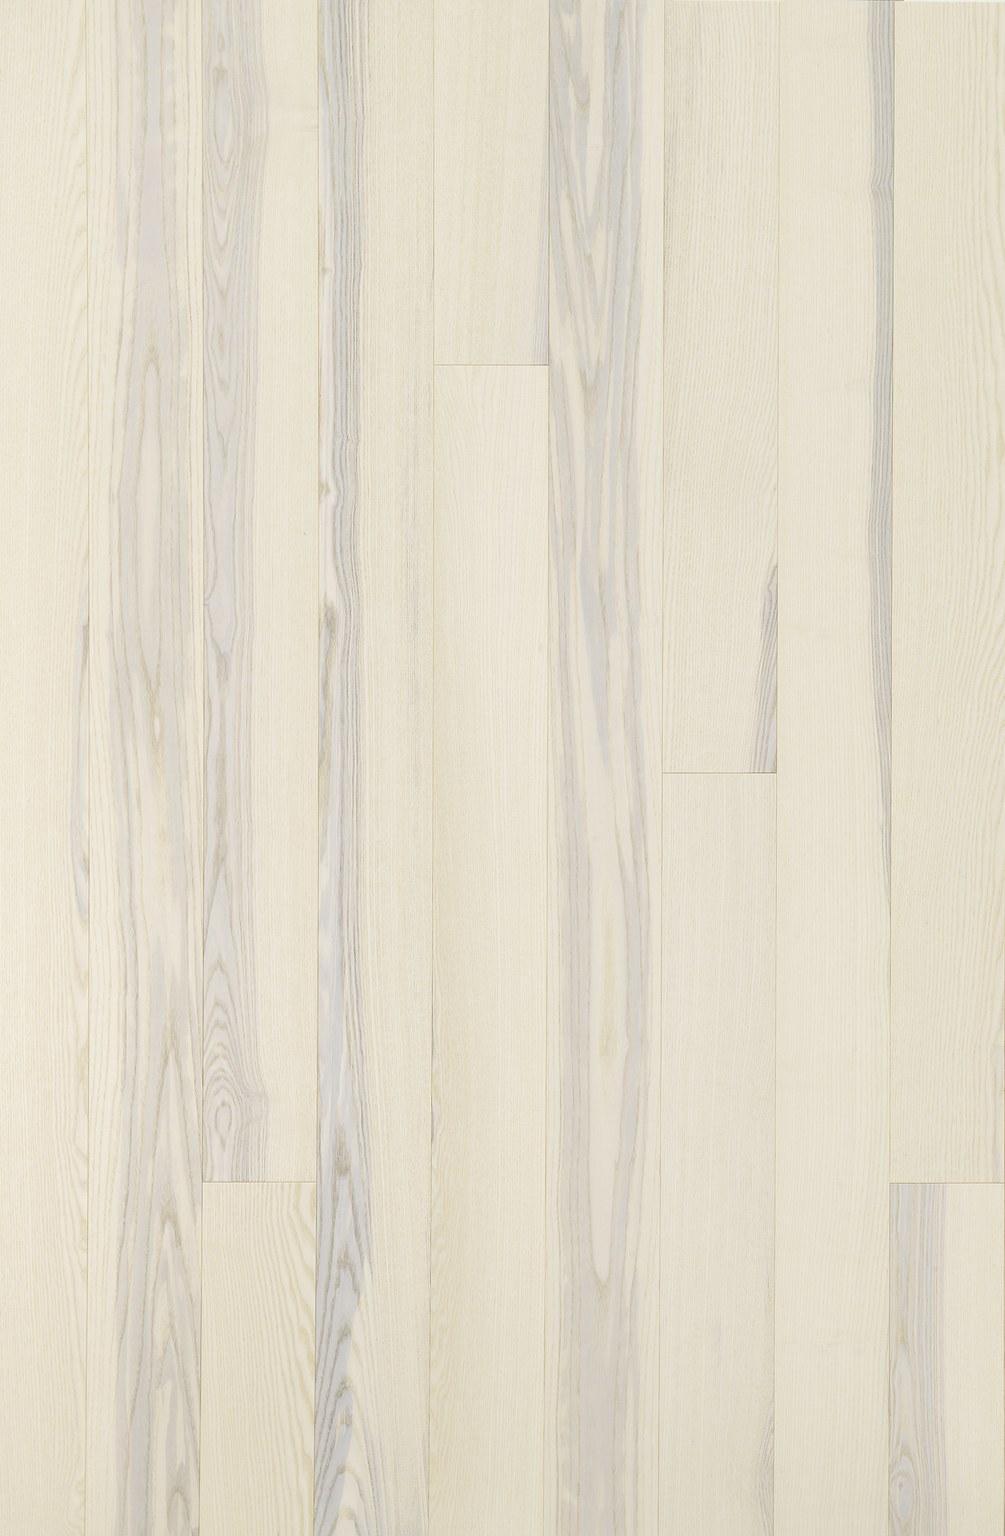 Timberwise Parketti Lankkuparketti Puulattia Wooden Floor Parquet Plank Saarni Ash Olive Snow White 2D1